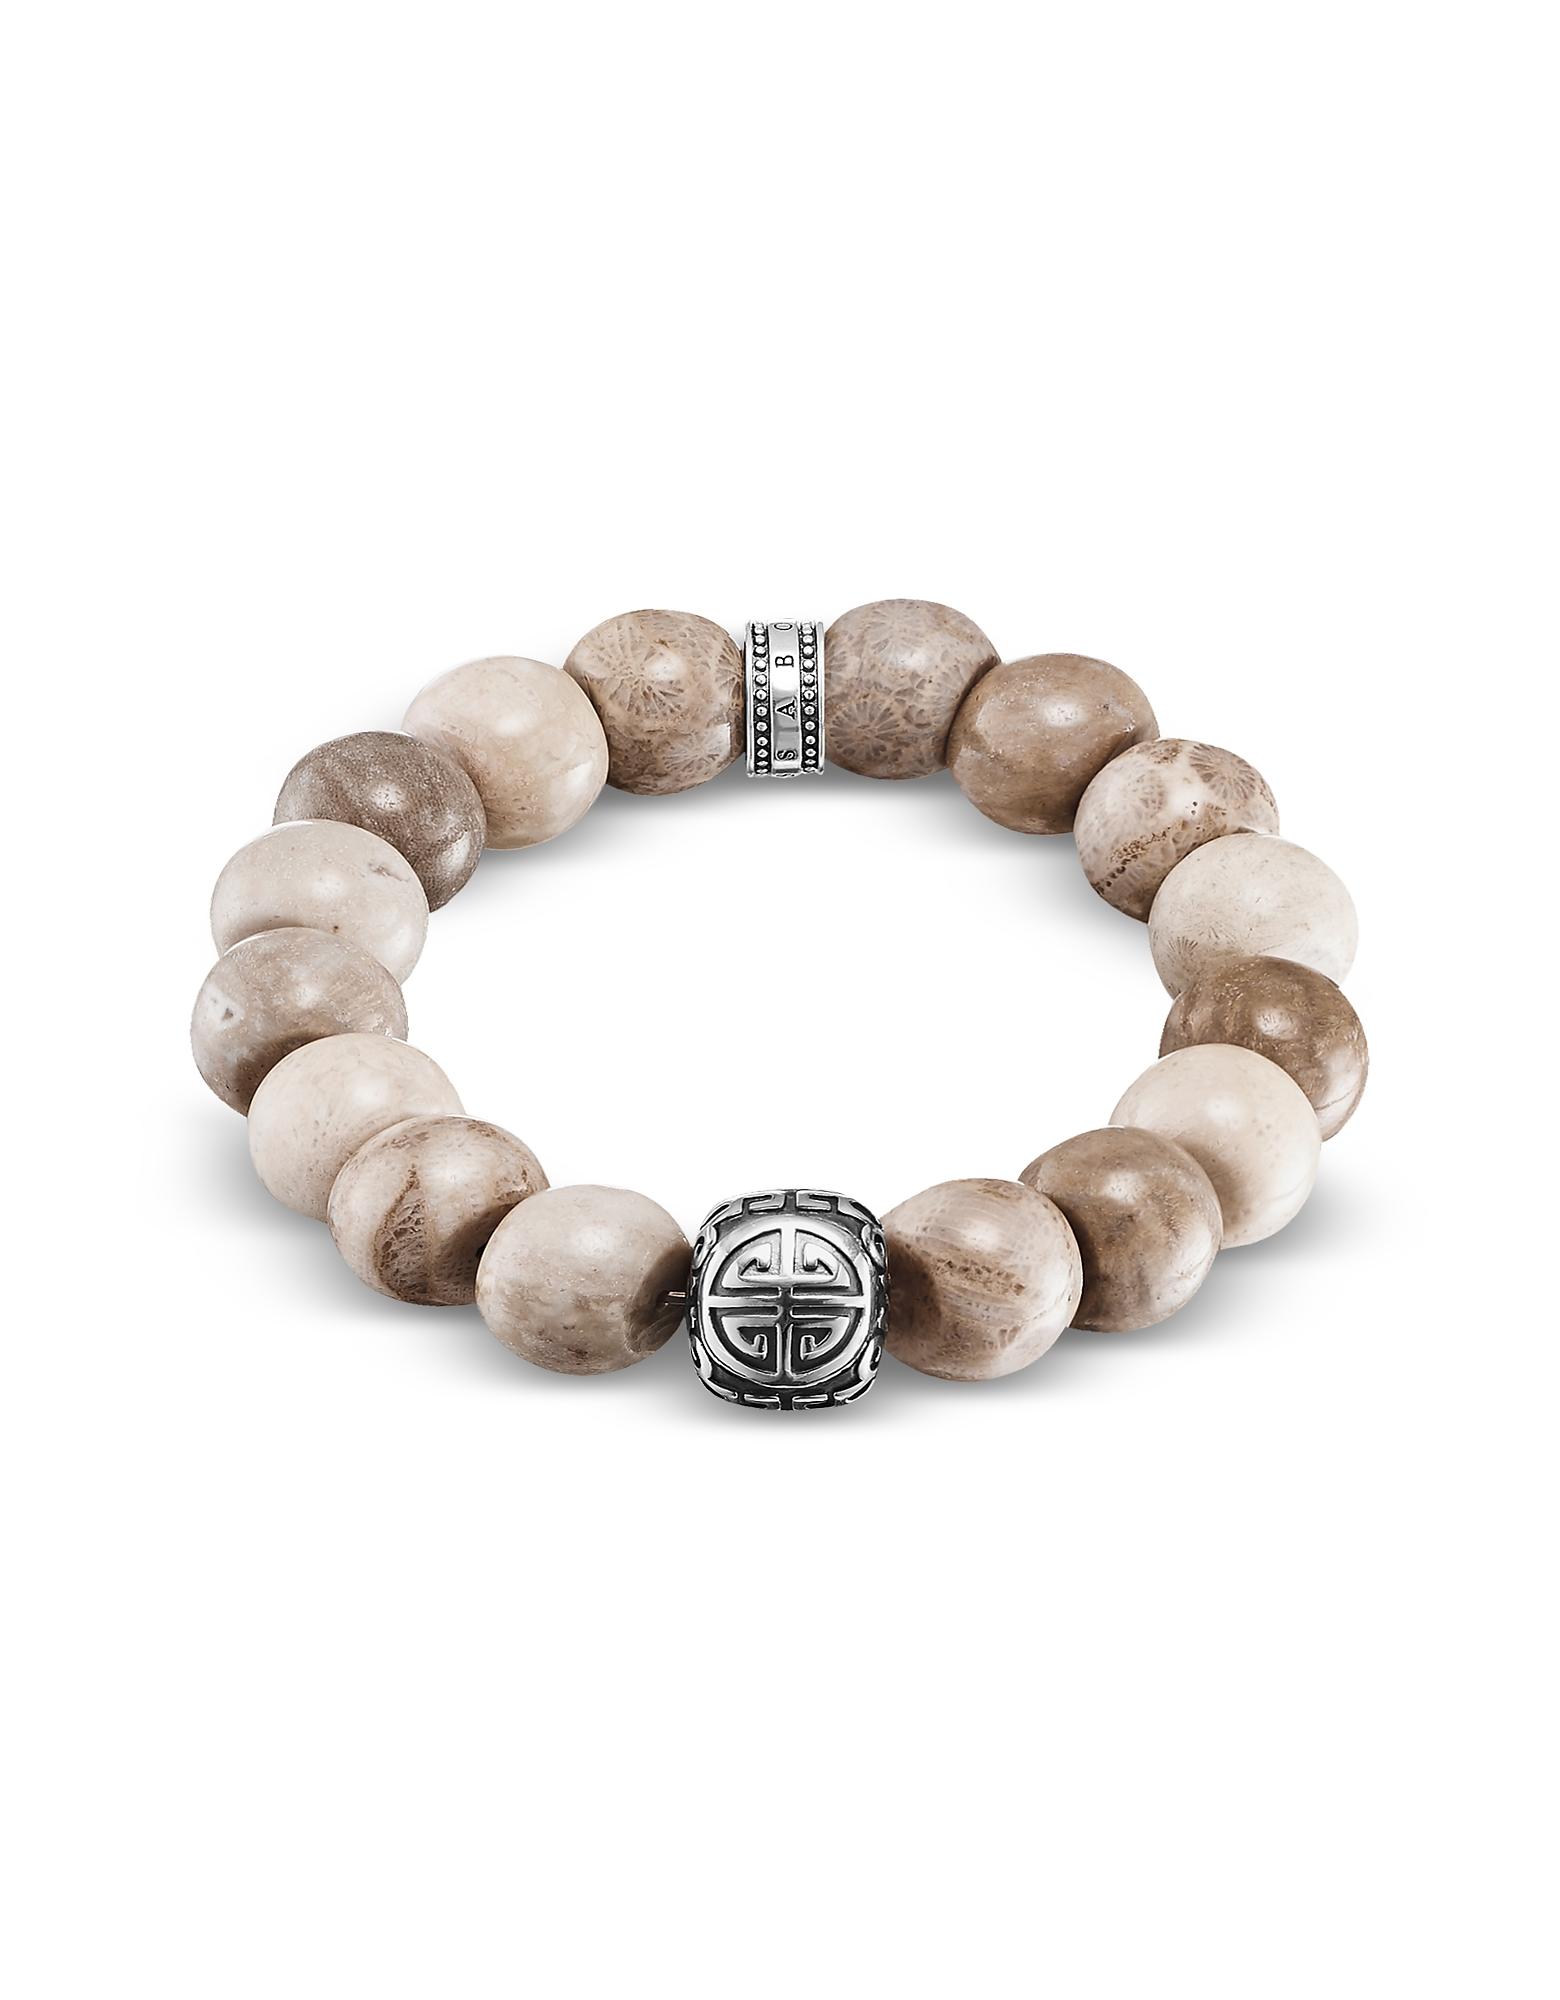 Thomas Sabo Men's Bracelets, Power Skull Sterling Silver Men's Bracelet w/Jasper Beads